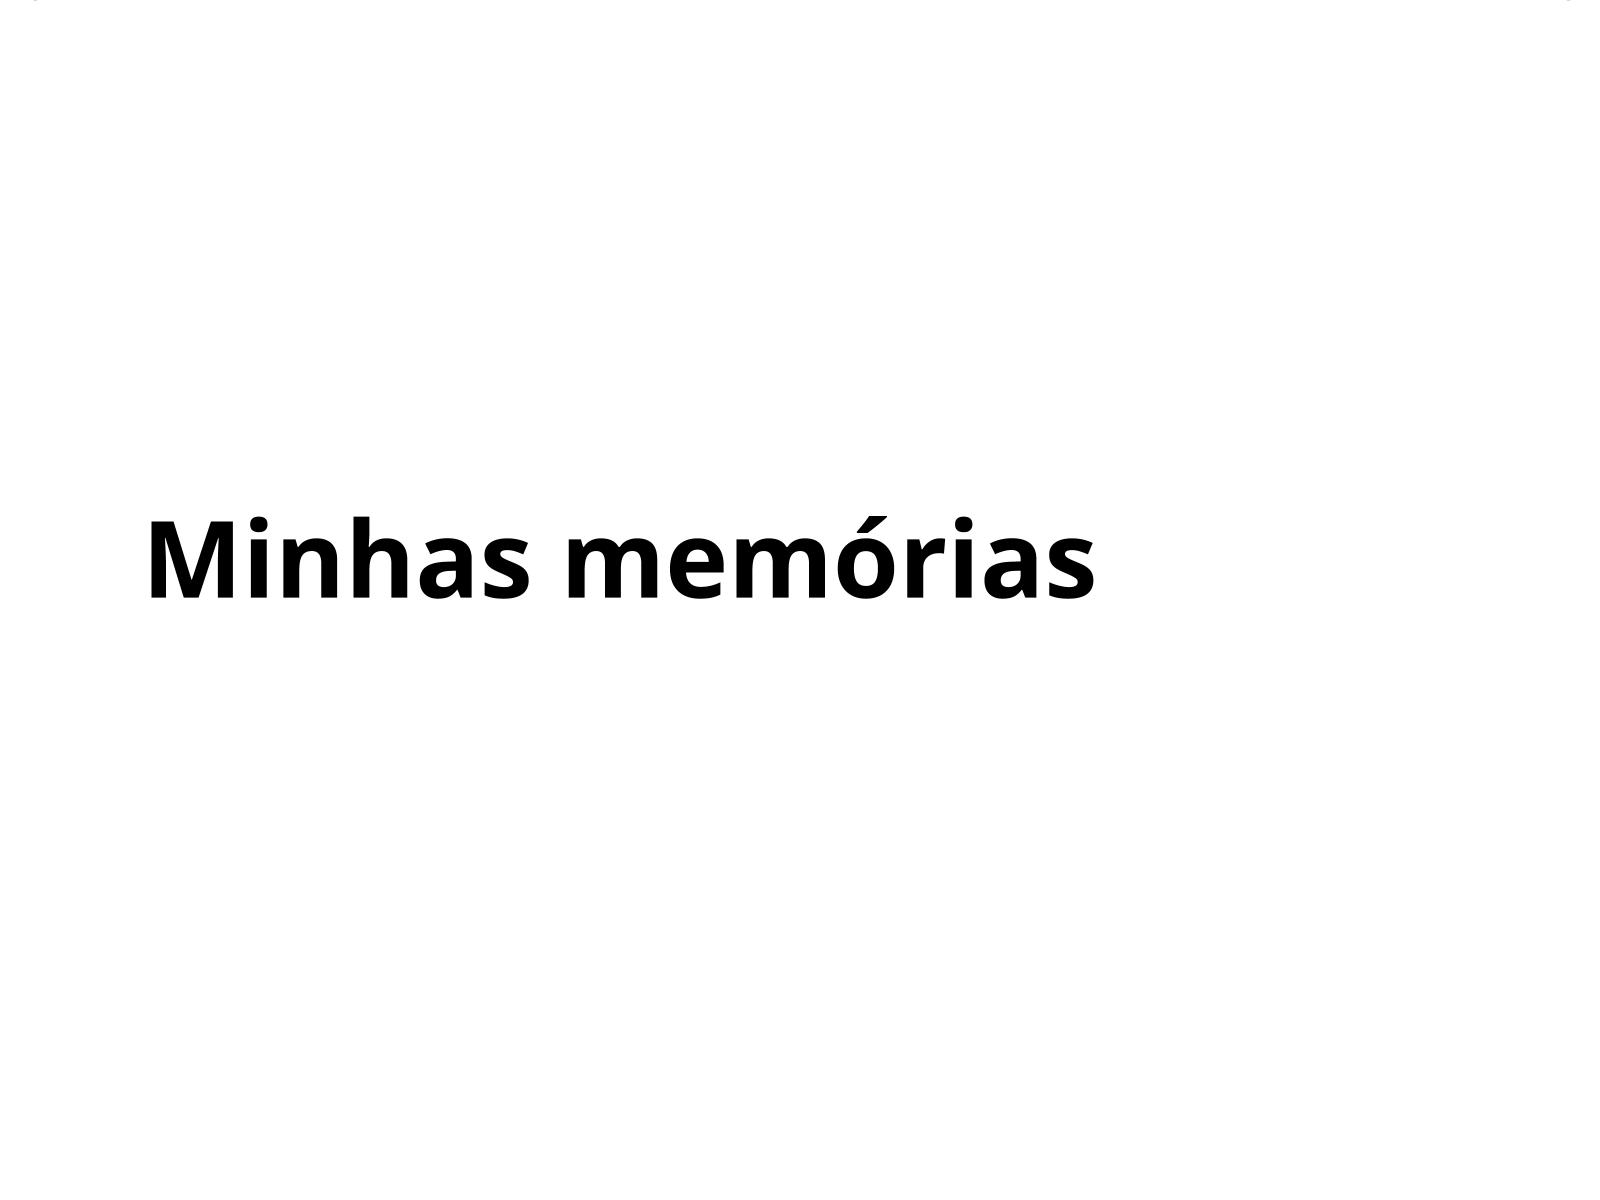 Minhas memórias, memória do meu povo